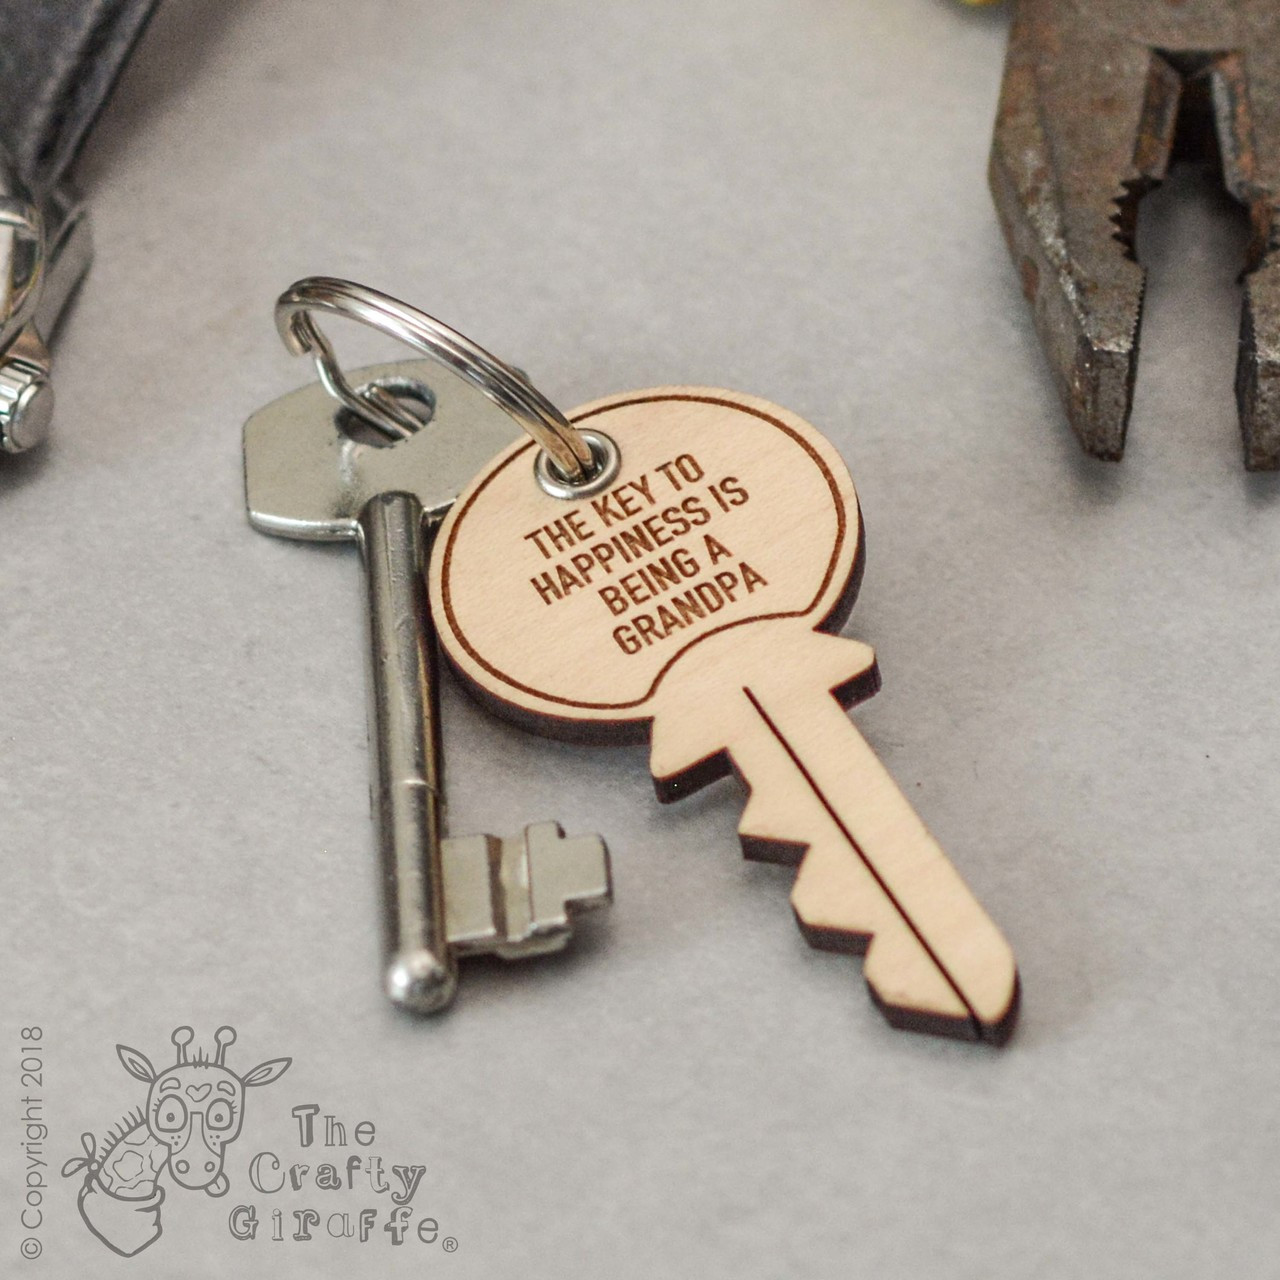 05a713622a Personalised Key Keyring - The Crafty Giraffe